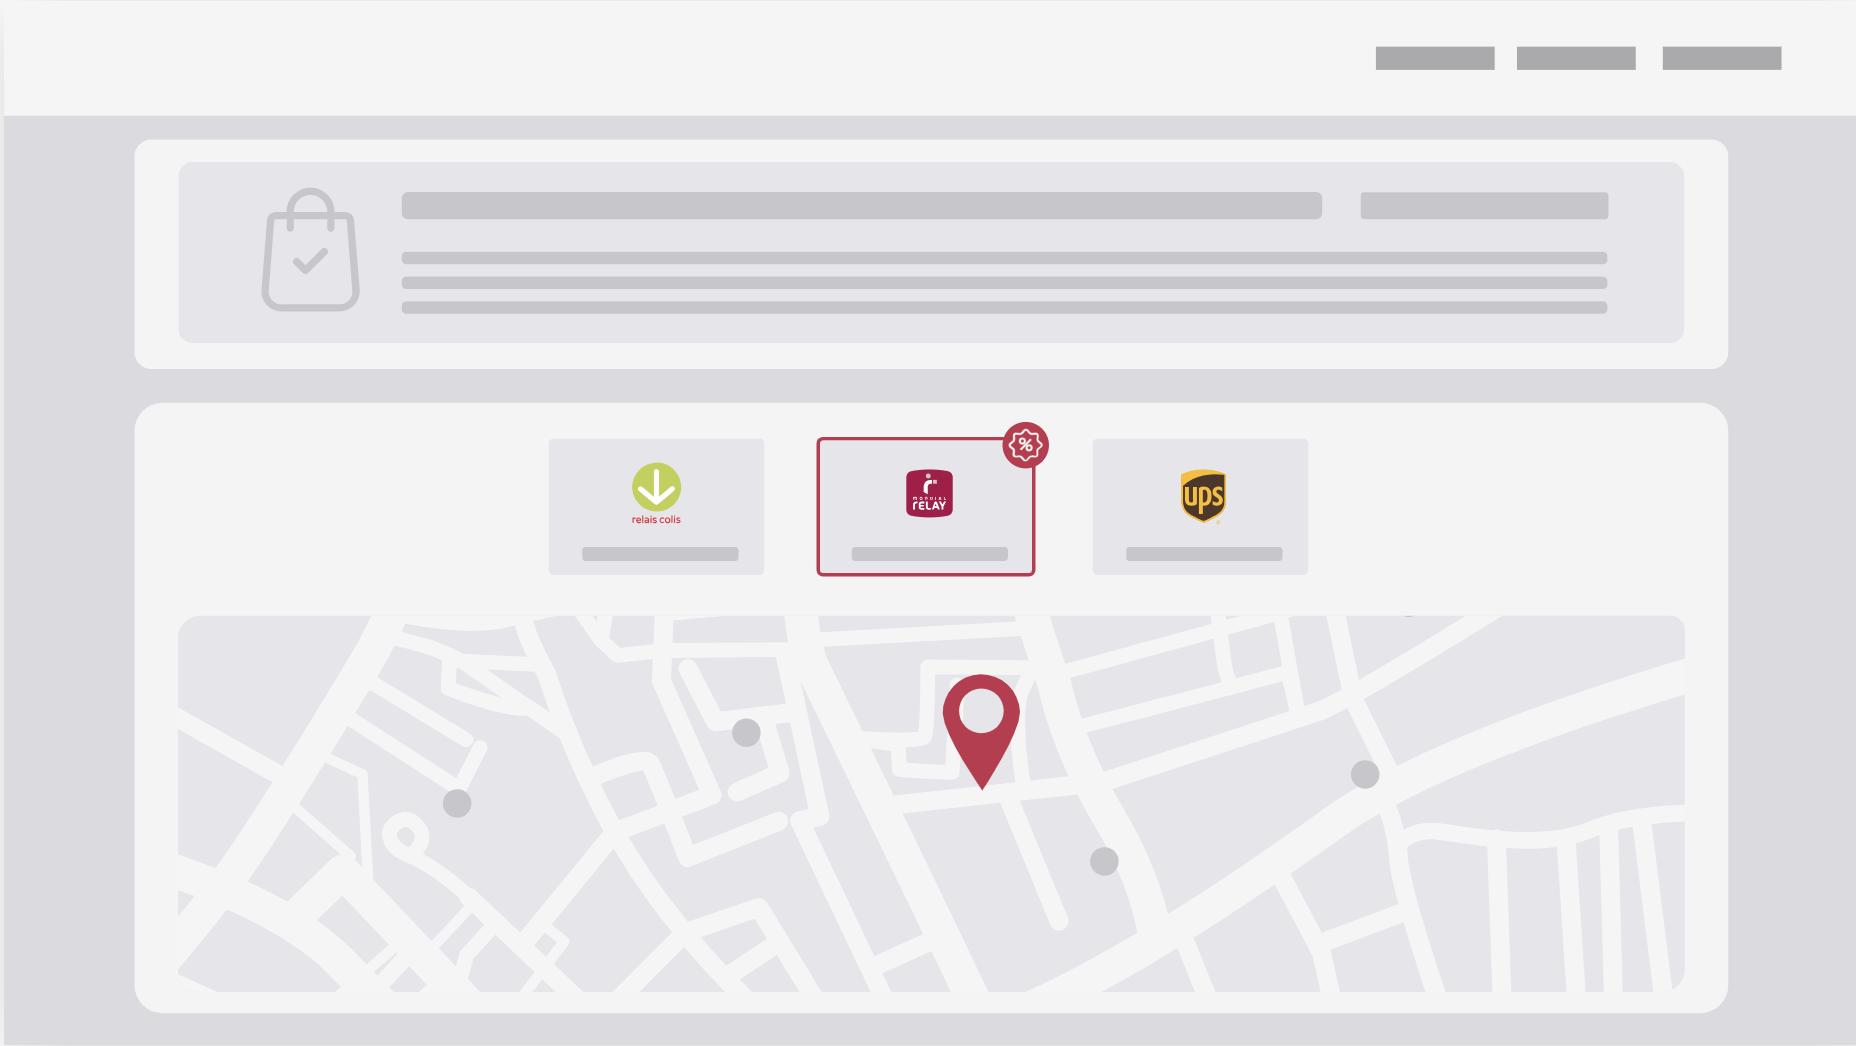 Boxtal déploie sa propre solution de cartographie pour ses clients e-commerçants